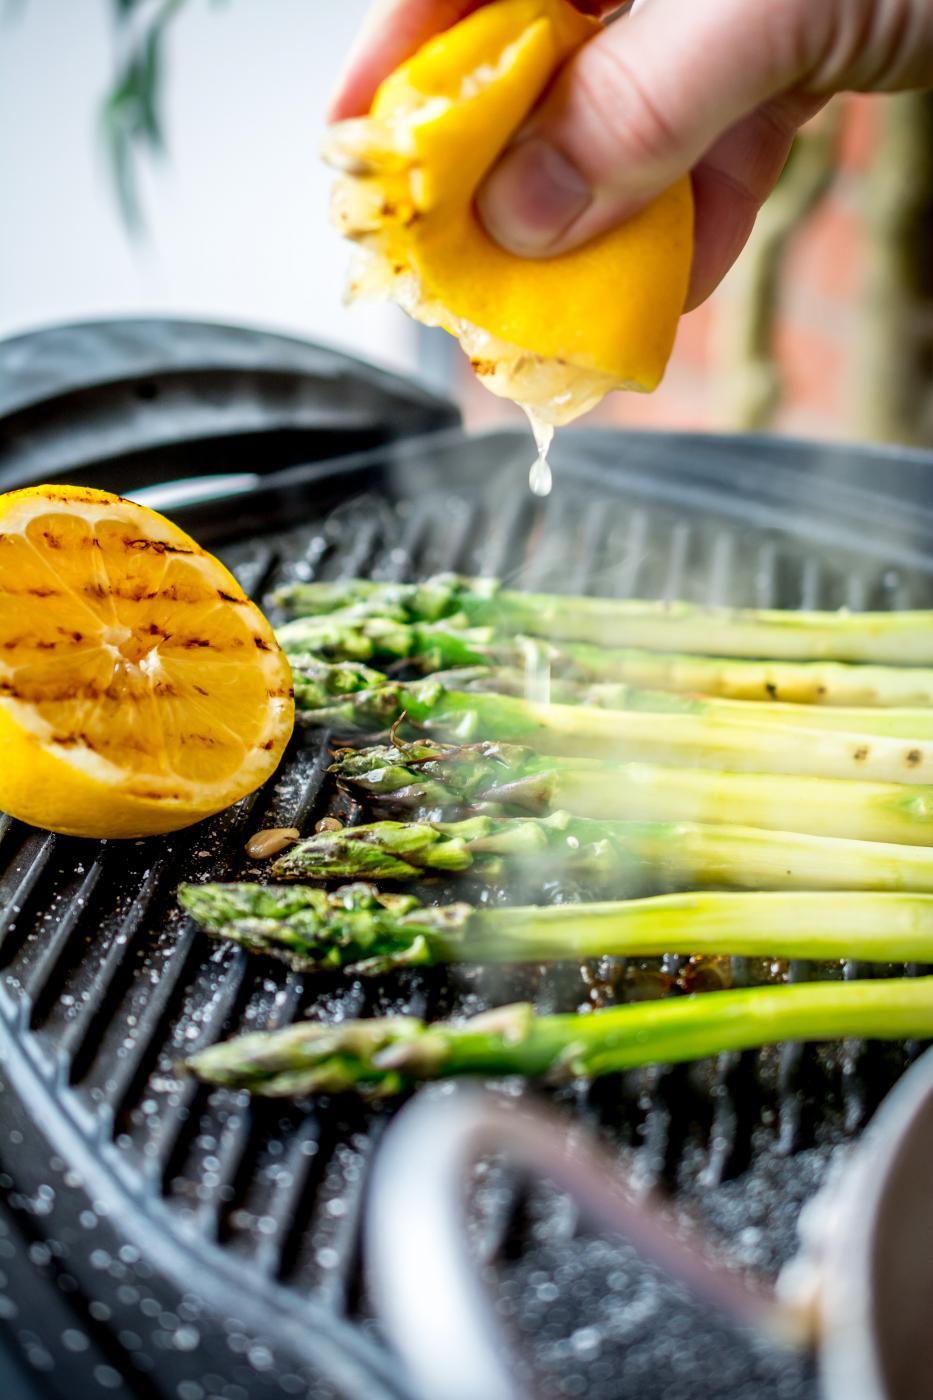 Jos on grilli kuumana, niin laitappa parsatkin sekaan